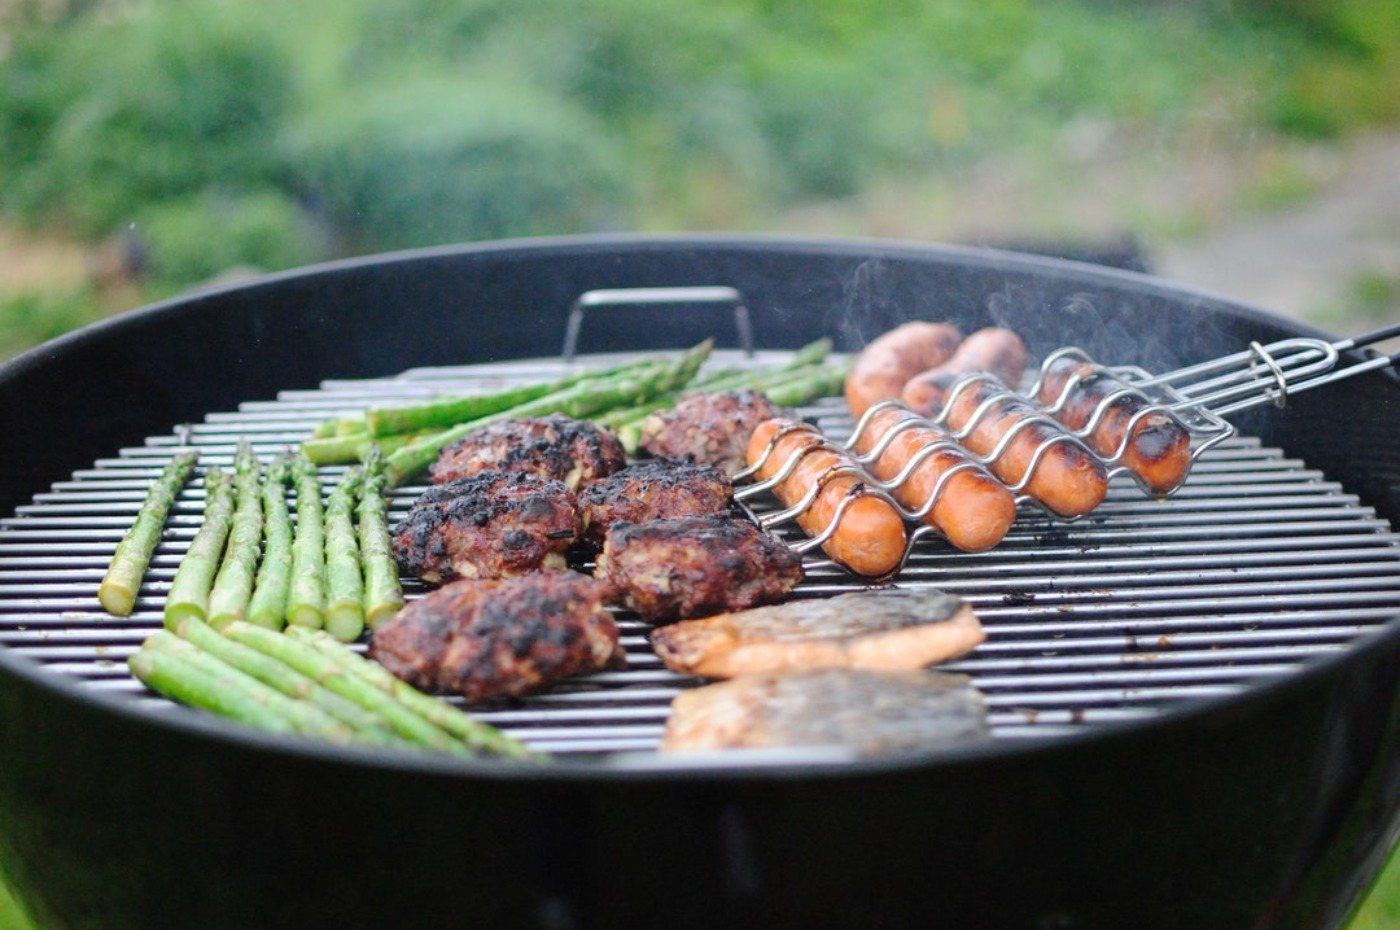 Comment choisir un barbecue pour de délicieuses grillades ?